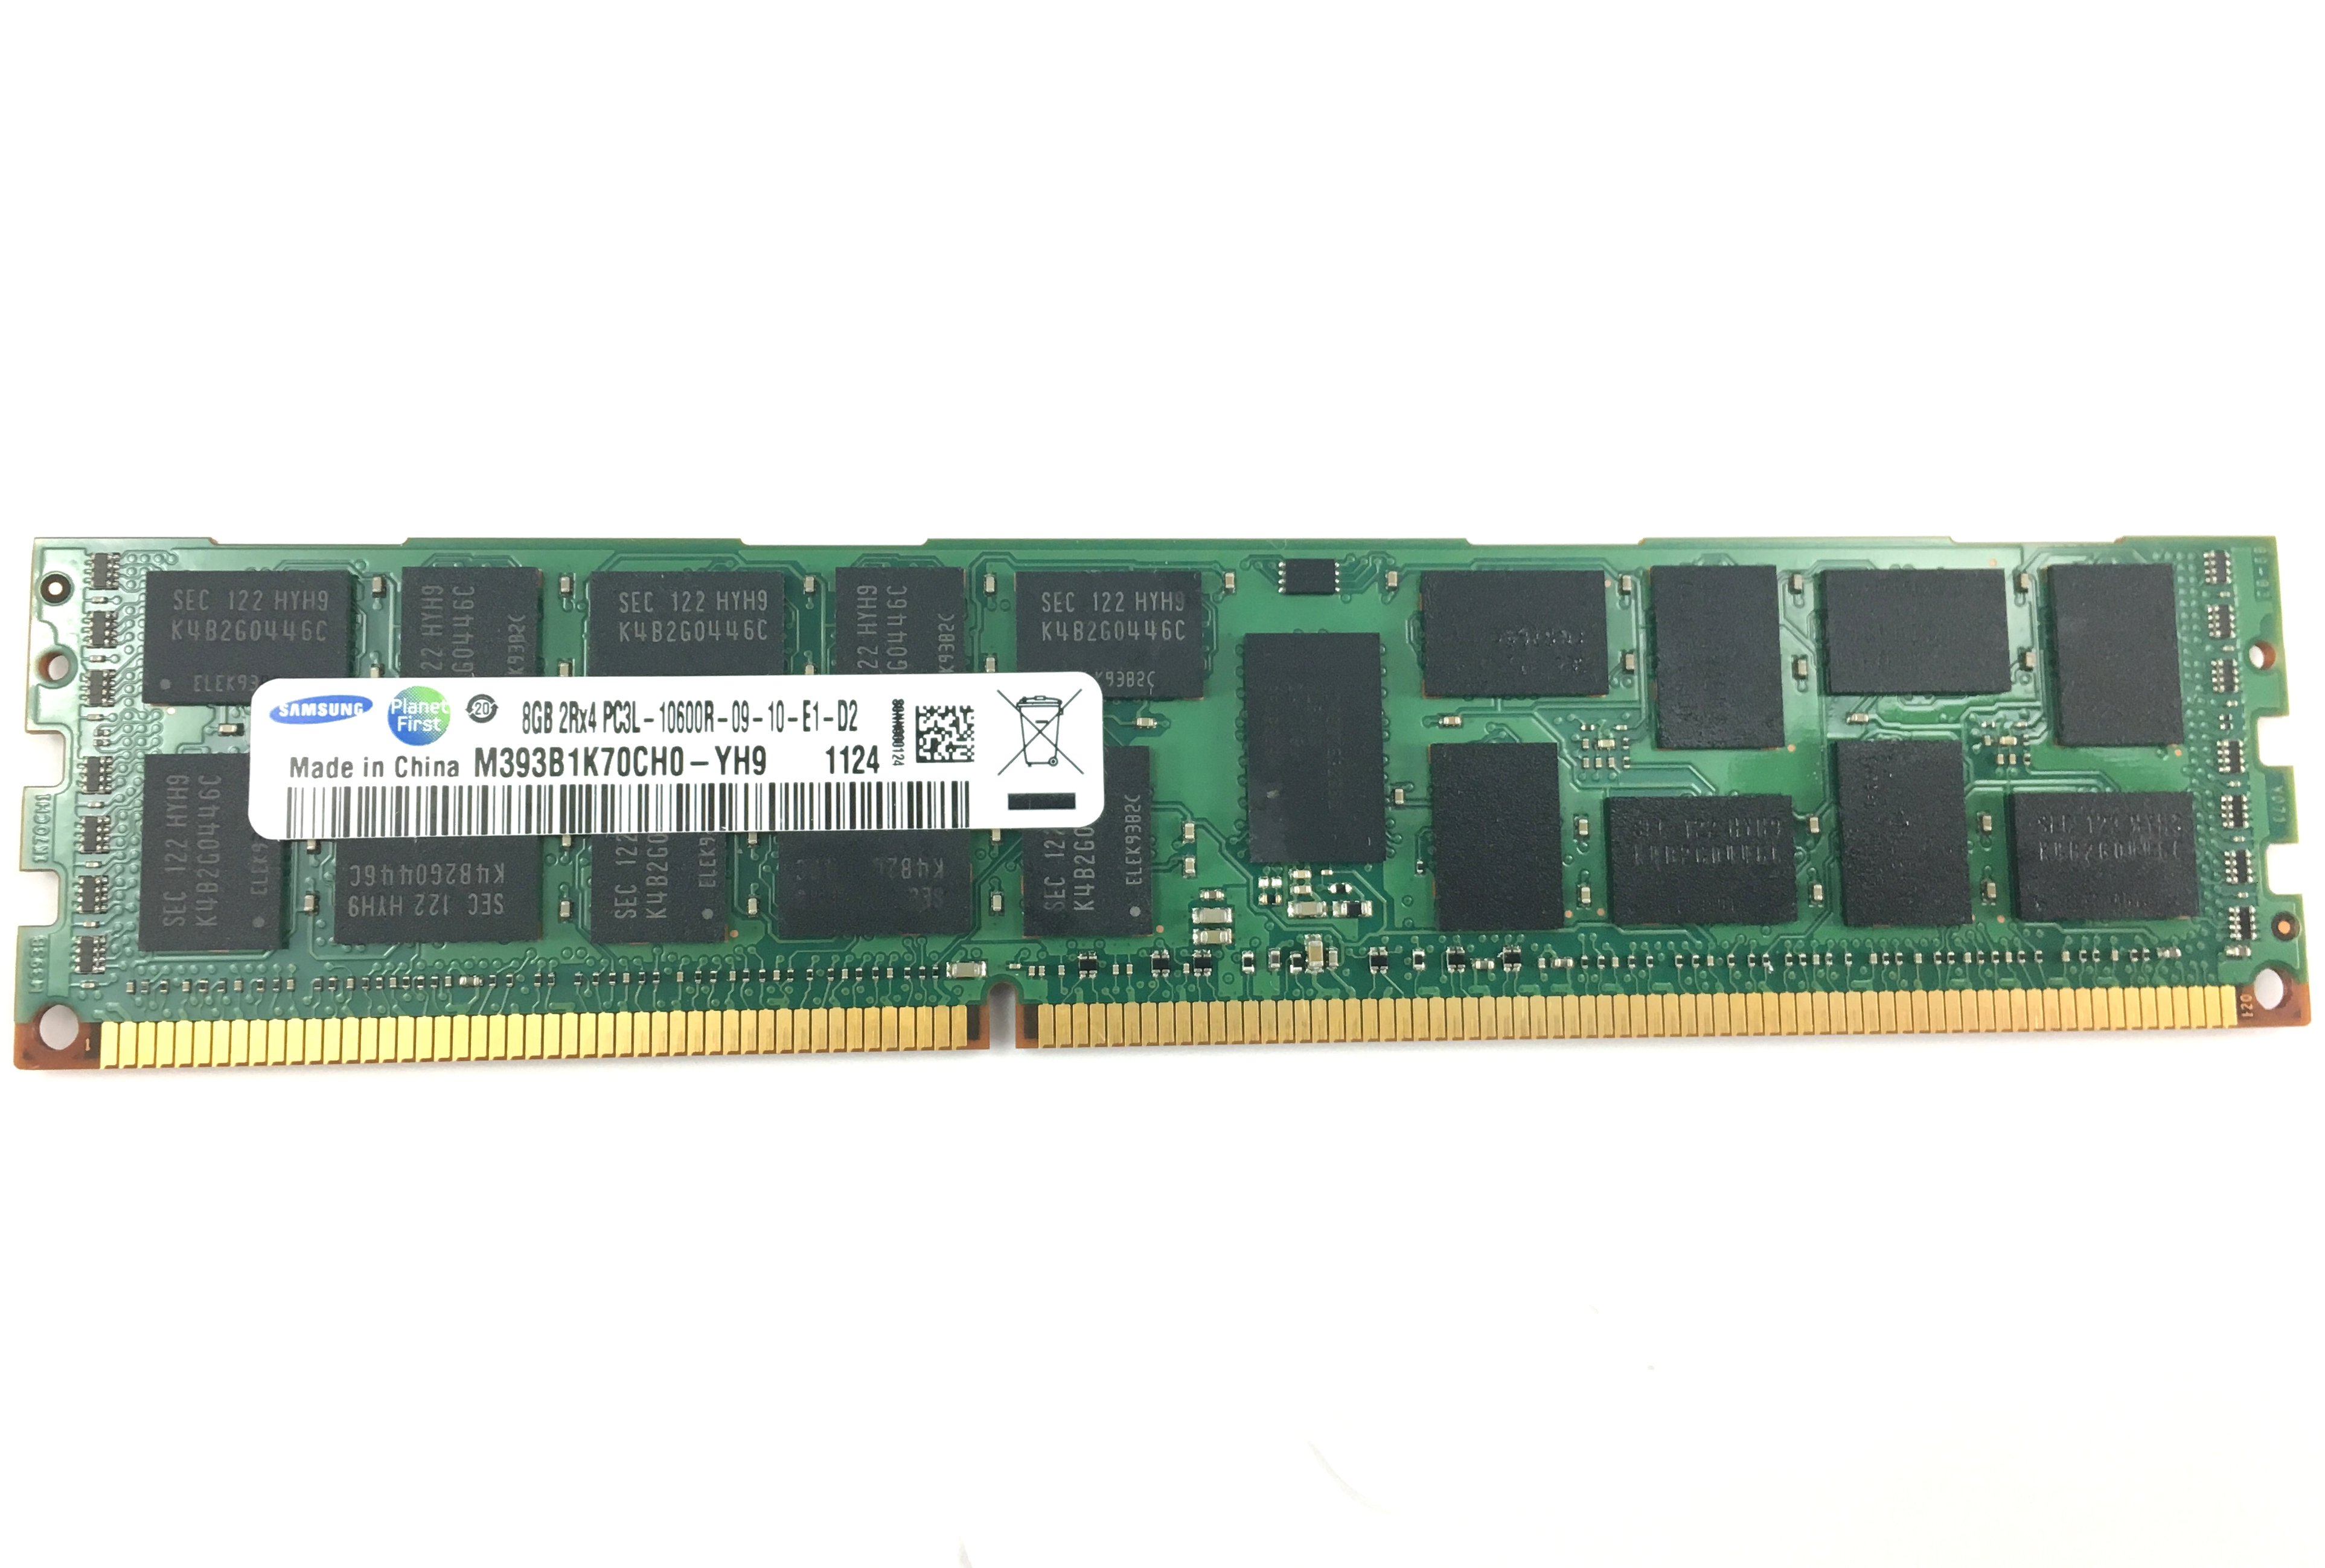 SAMSUNG 8GB 2Rx4 PC3L-10600R DDR3 1333MHZ ECC REG MEMORY (M393B1K70CH0-YH9)